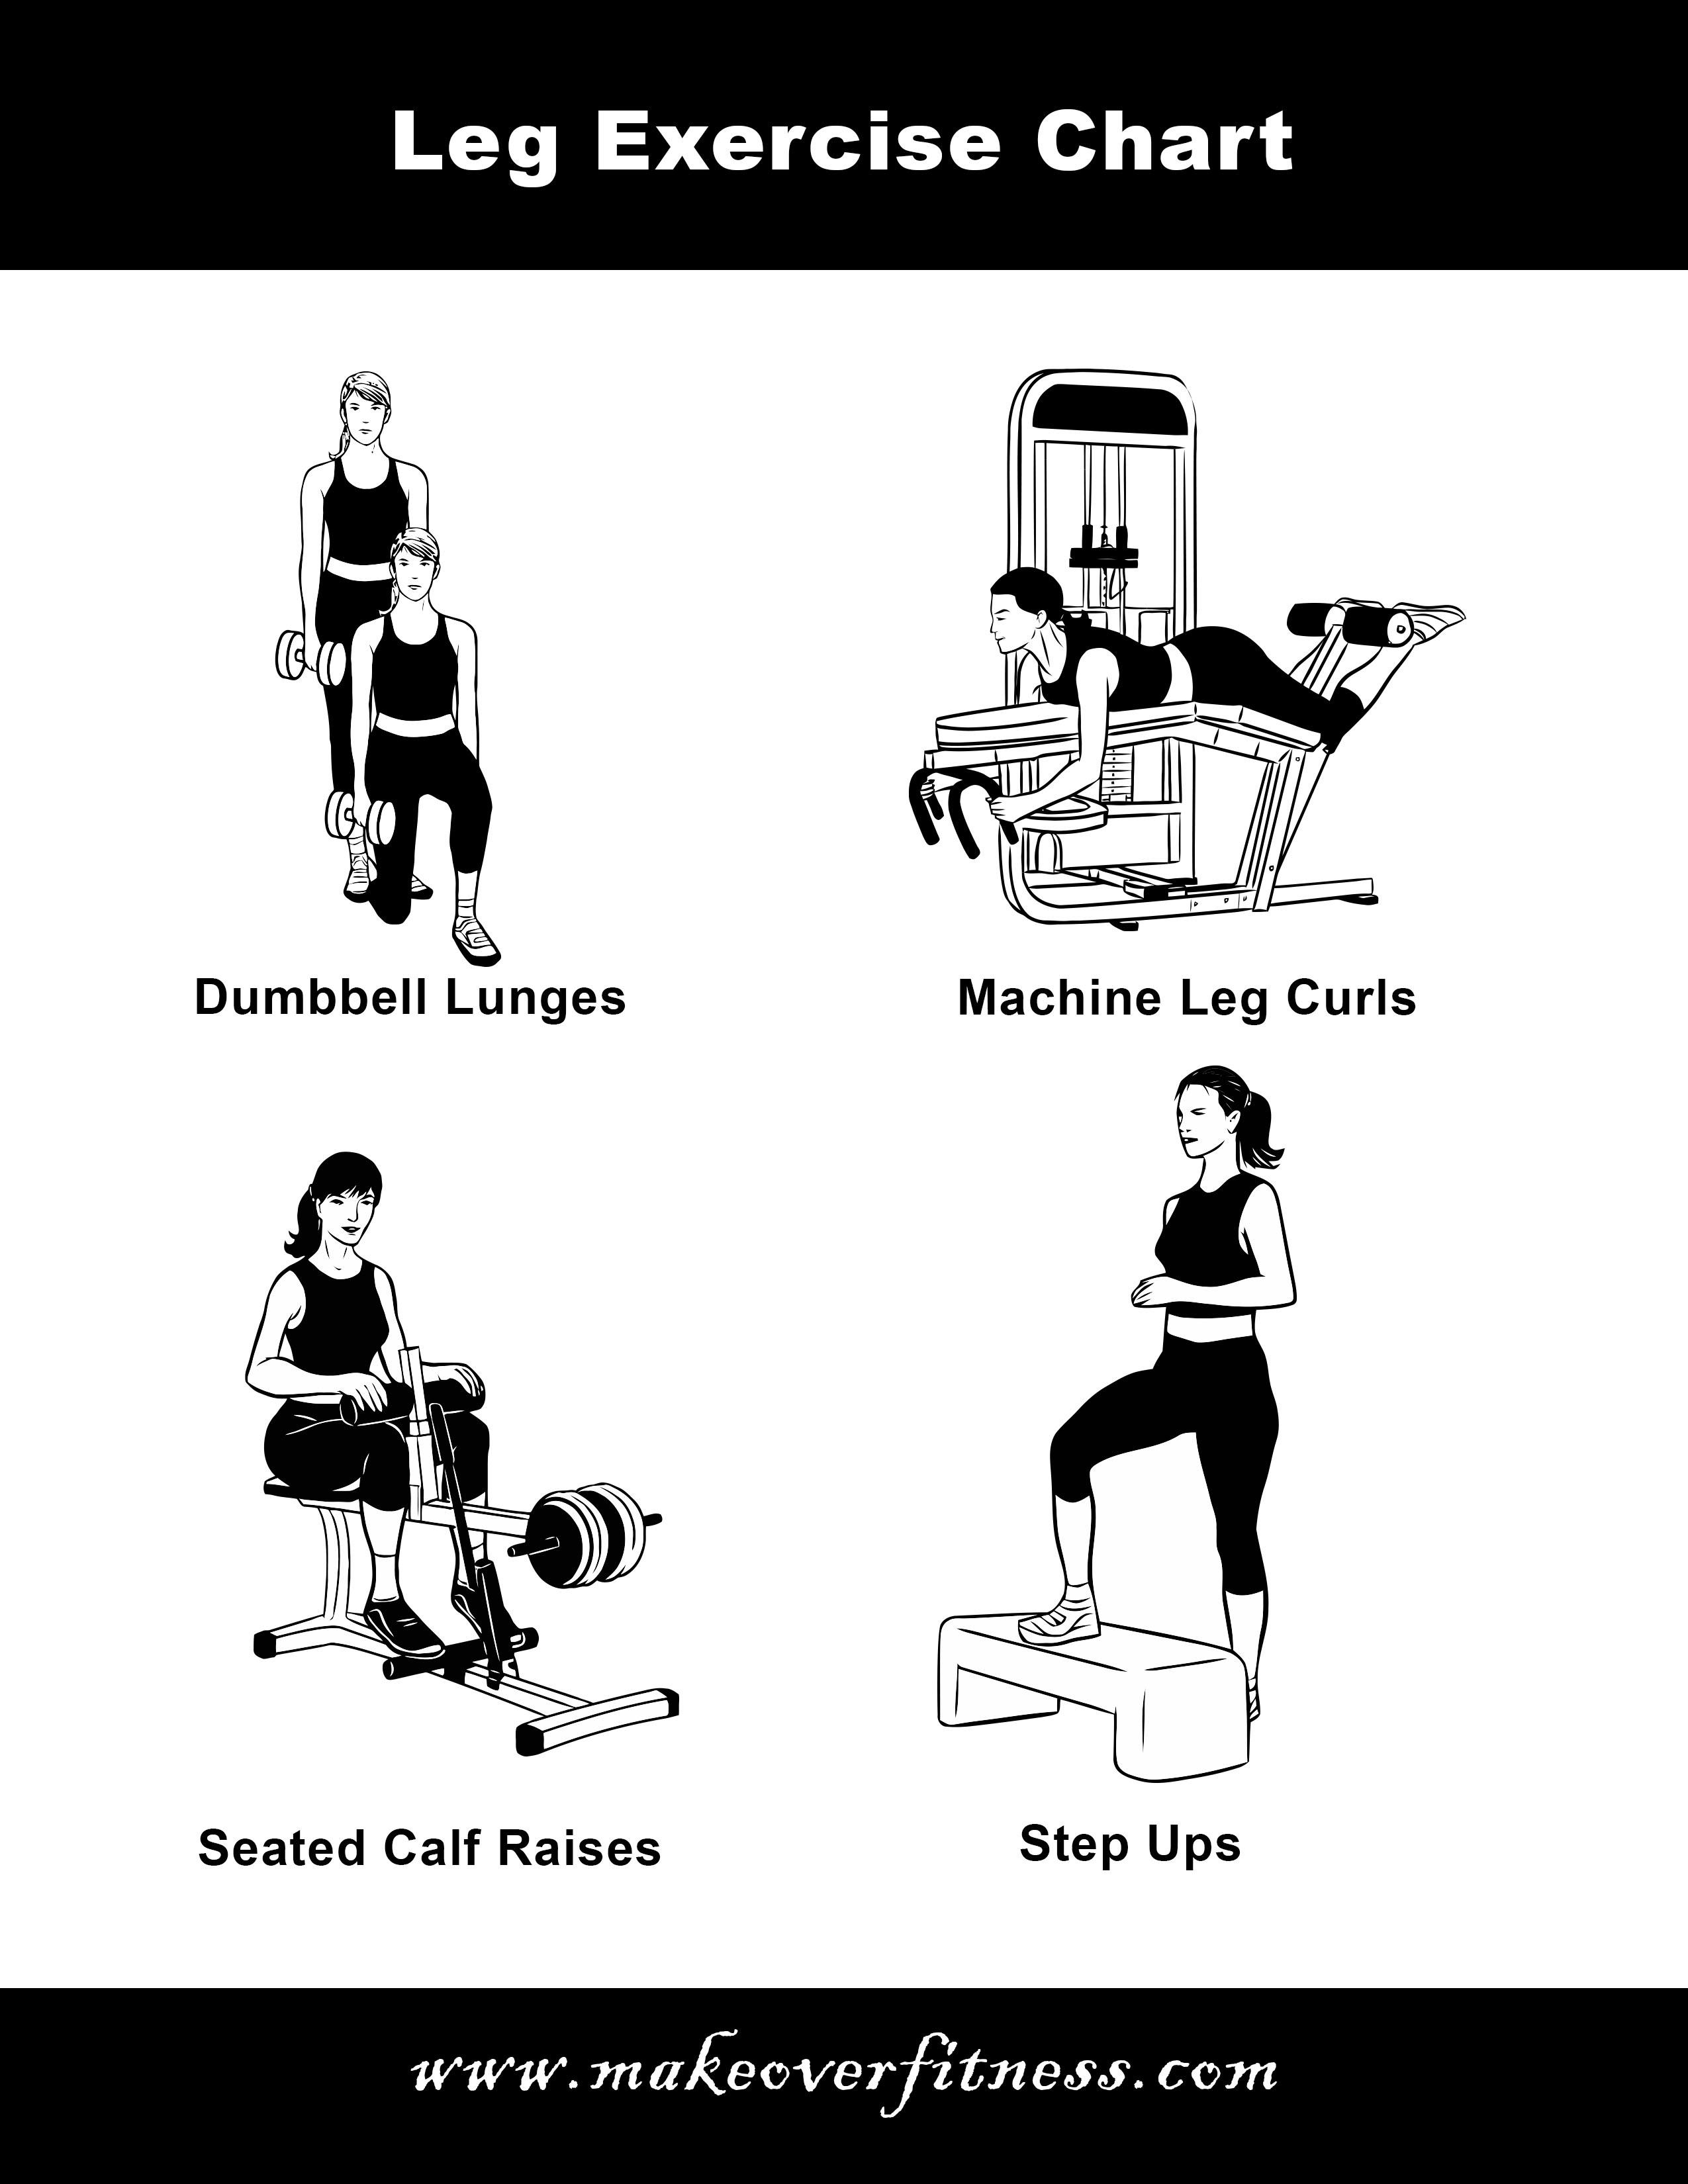 Leg Exercise Charts